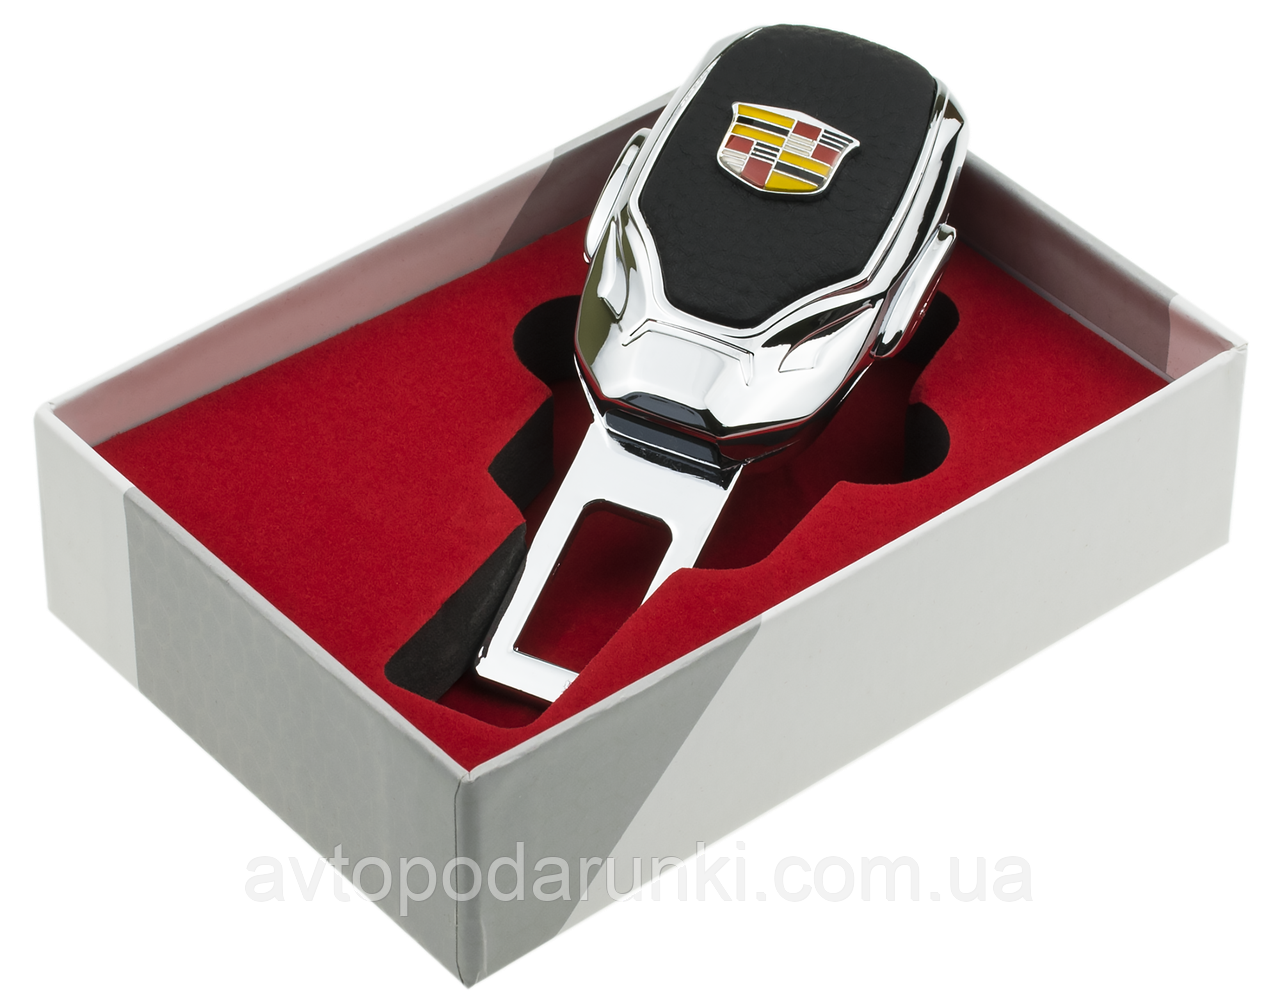 Заглушка - переходник ремня безопасности  с логотипом CADILLAC VIP КЛАССА (Авиационная сталь, кожа)